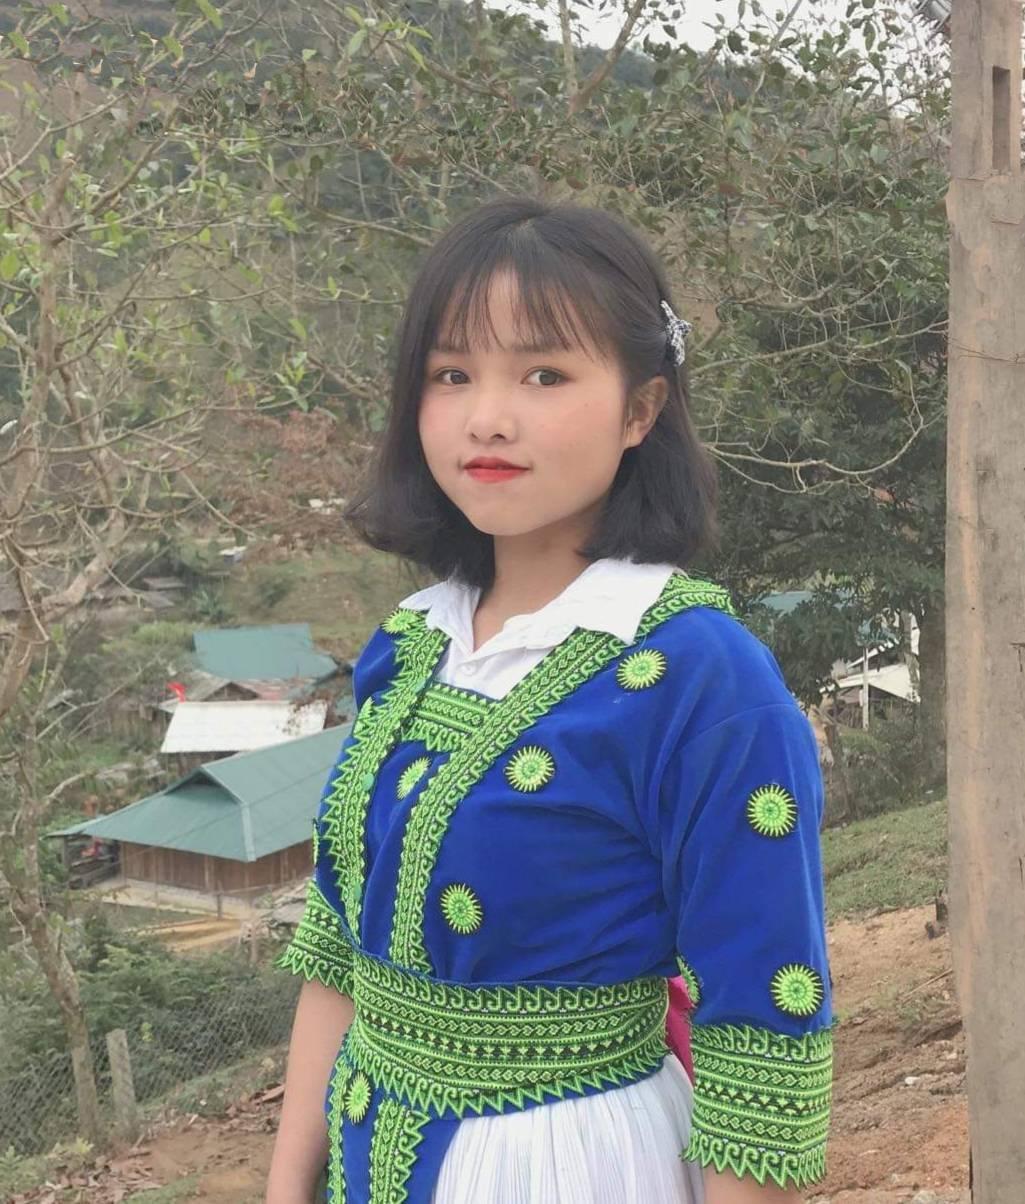 Hoàng Thị Lìn - Sinh viên Trường Đại học sư phạm Hà Nội